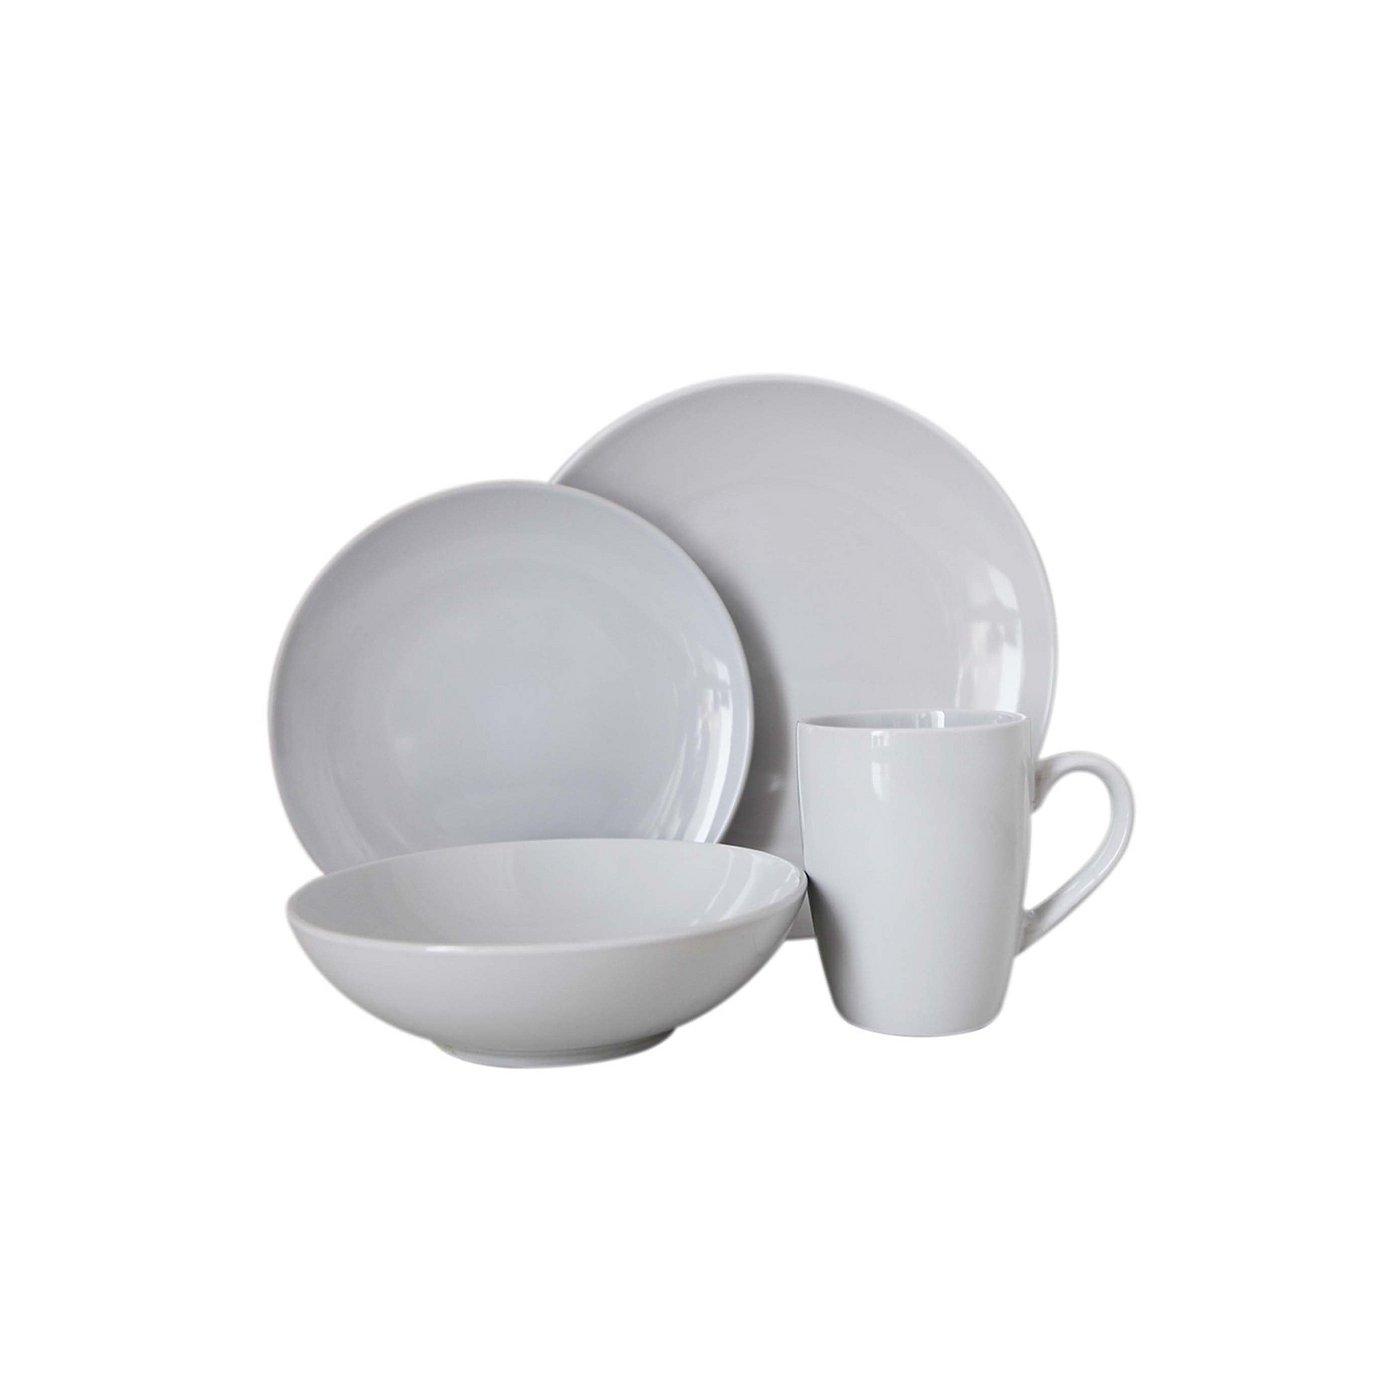 White Tableware Range | Tableware | George at ASDA